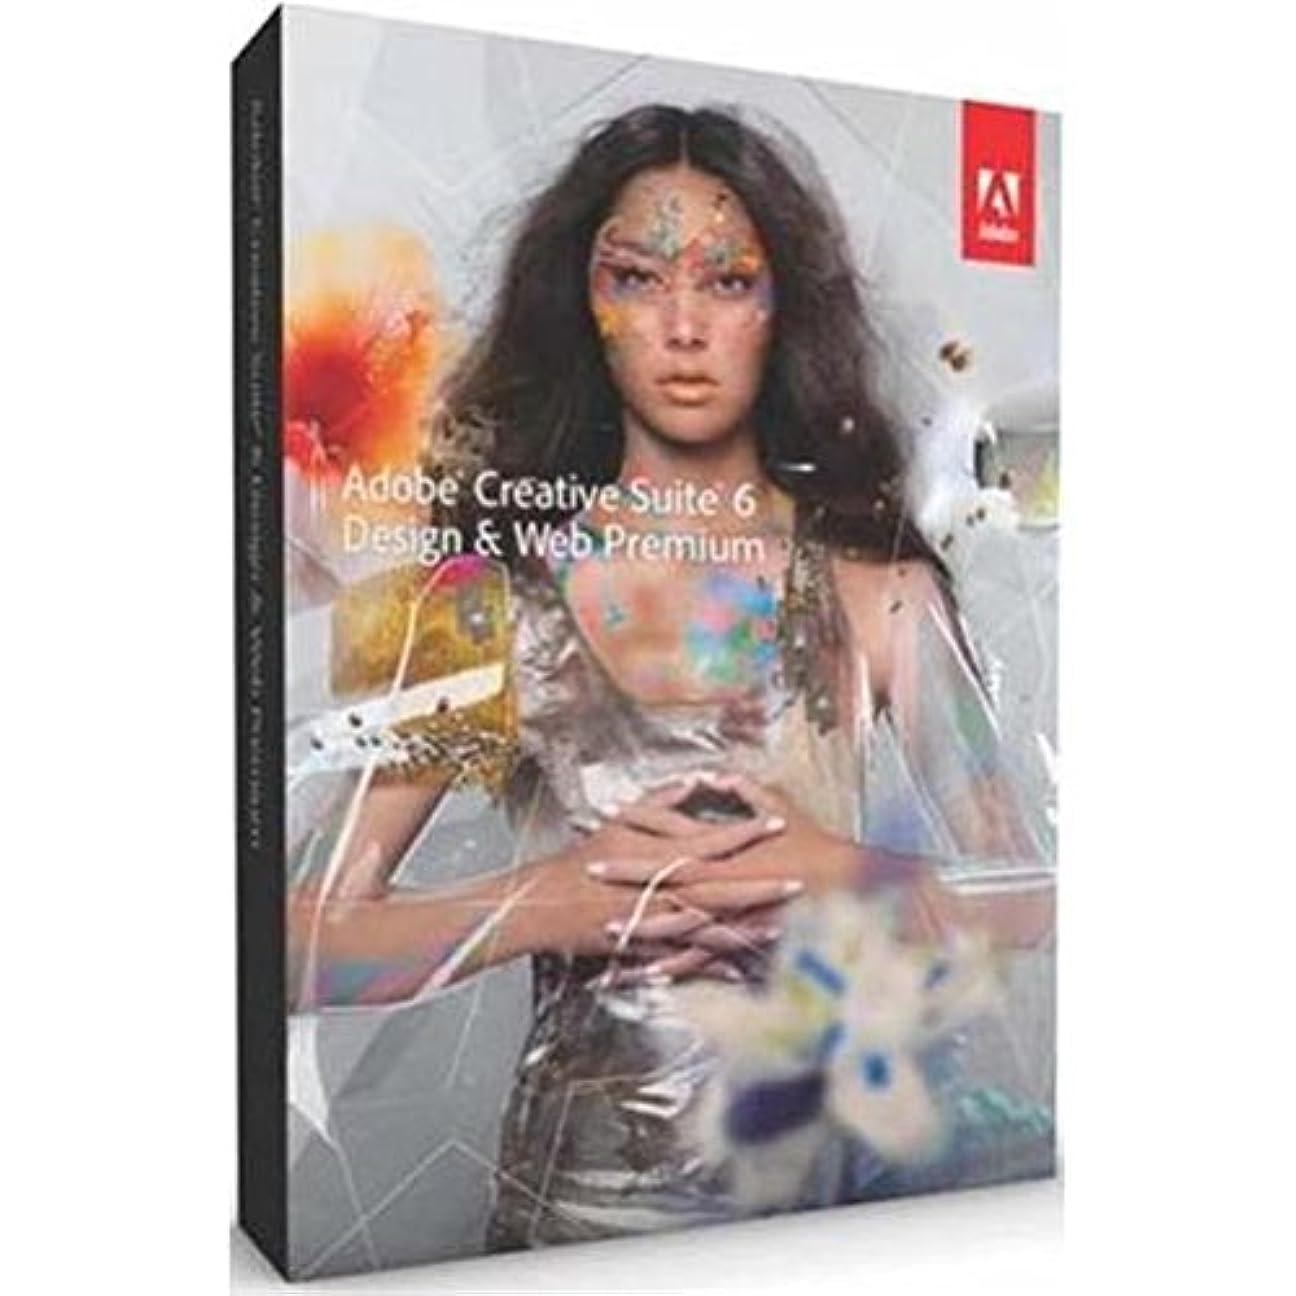 学士間違えた実施するAdobe Creative Suite 6 Design - Web Premium - Support - DVD - Mac - fran ais